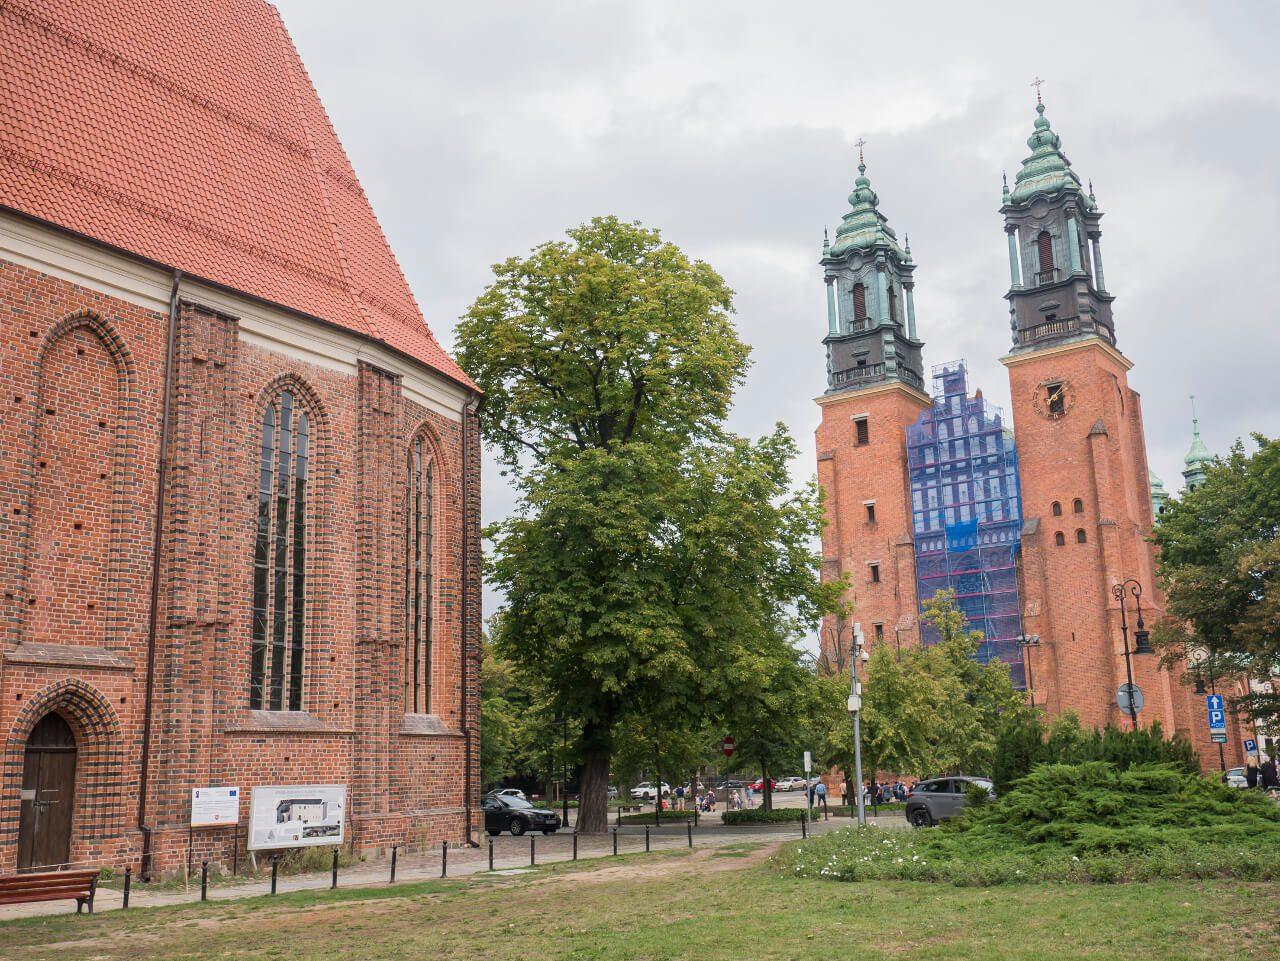 Kościół Najświętszej Marii Panny i bazylika Świętych Apostołów Piotra i Pawła na Ostrowie Tumskim w Poznaniu